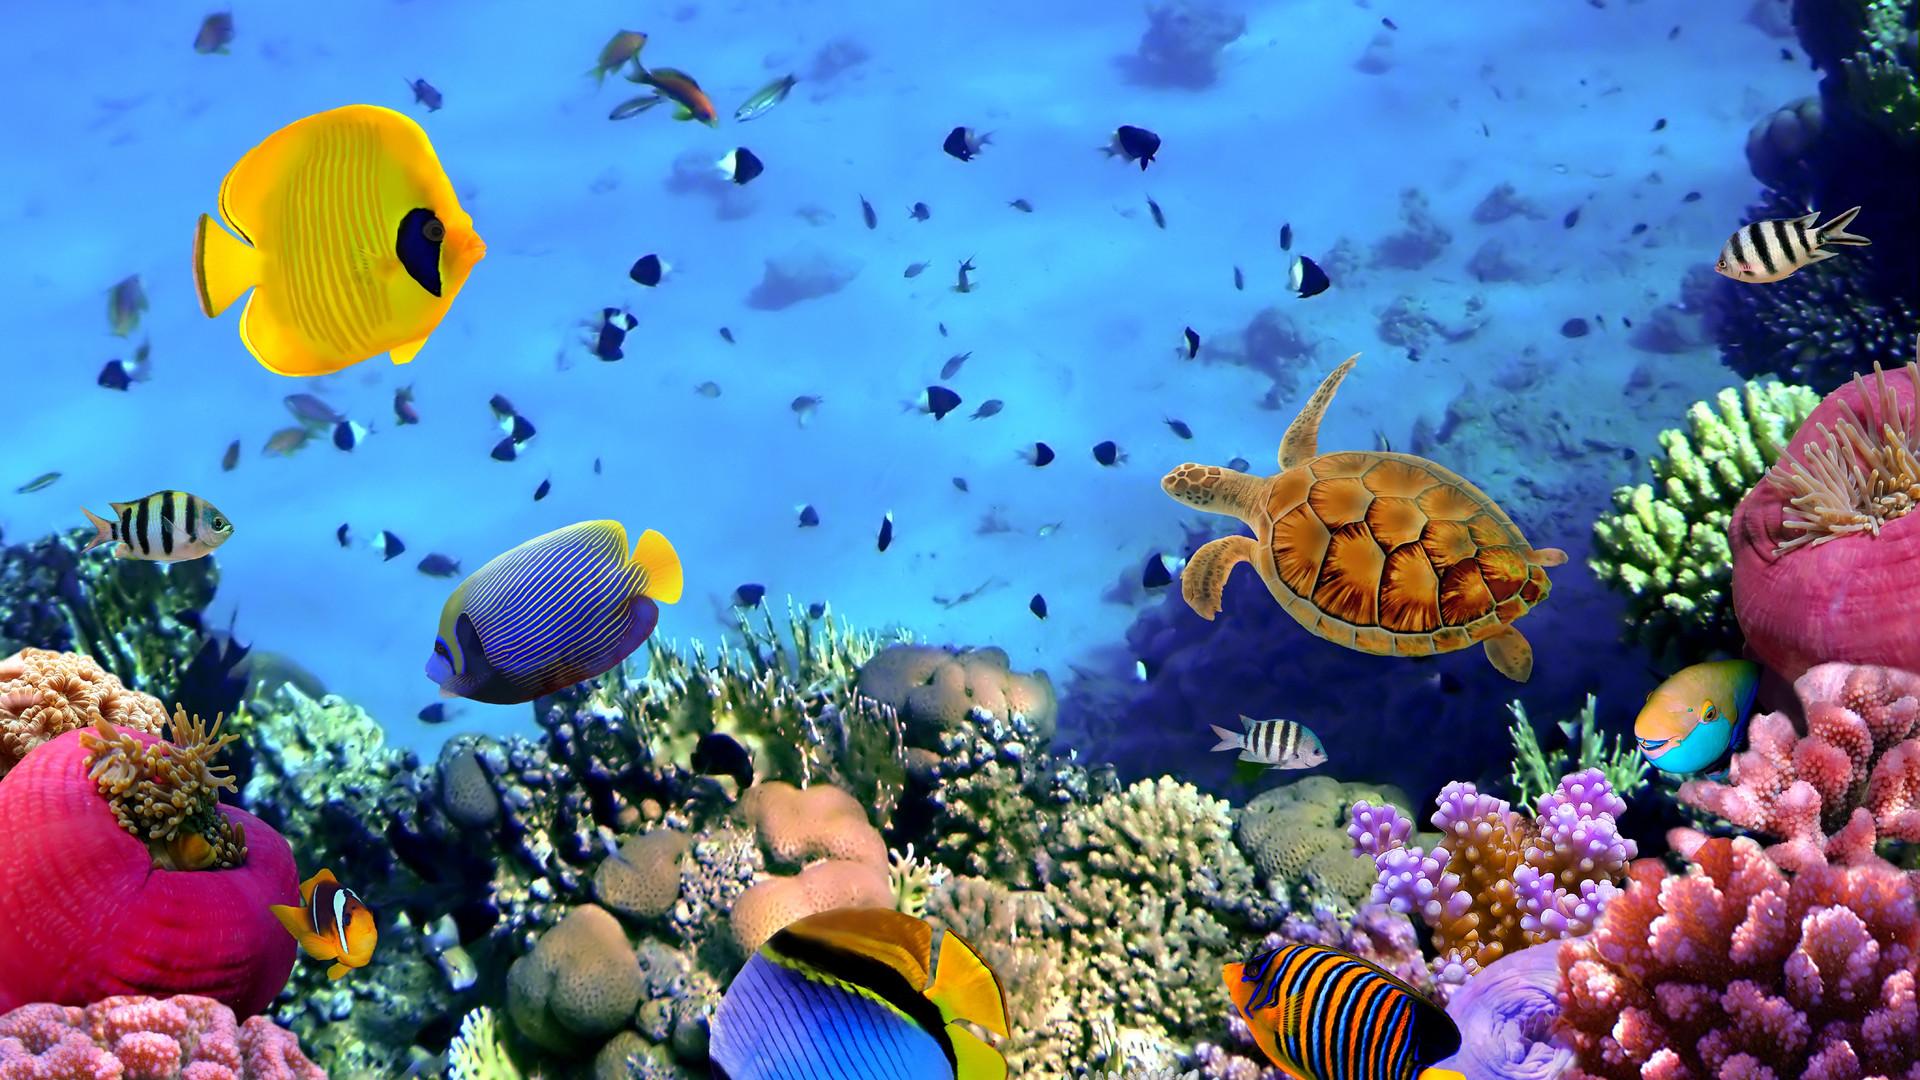 Barrier Reef Underworld Wallpaper. Travel HD Wallpapers provide HD .